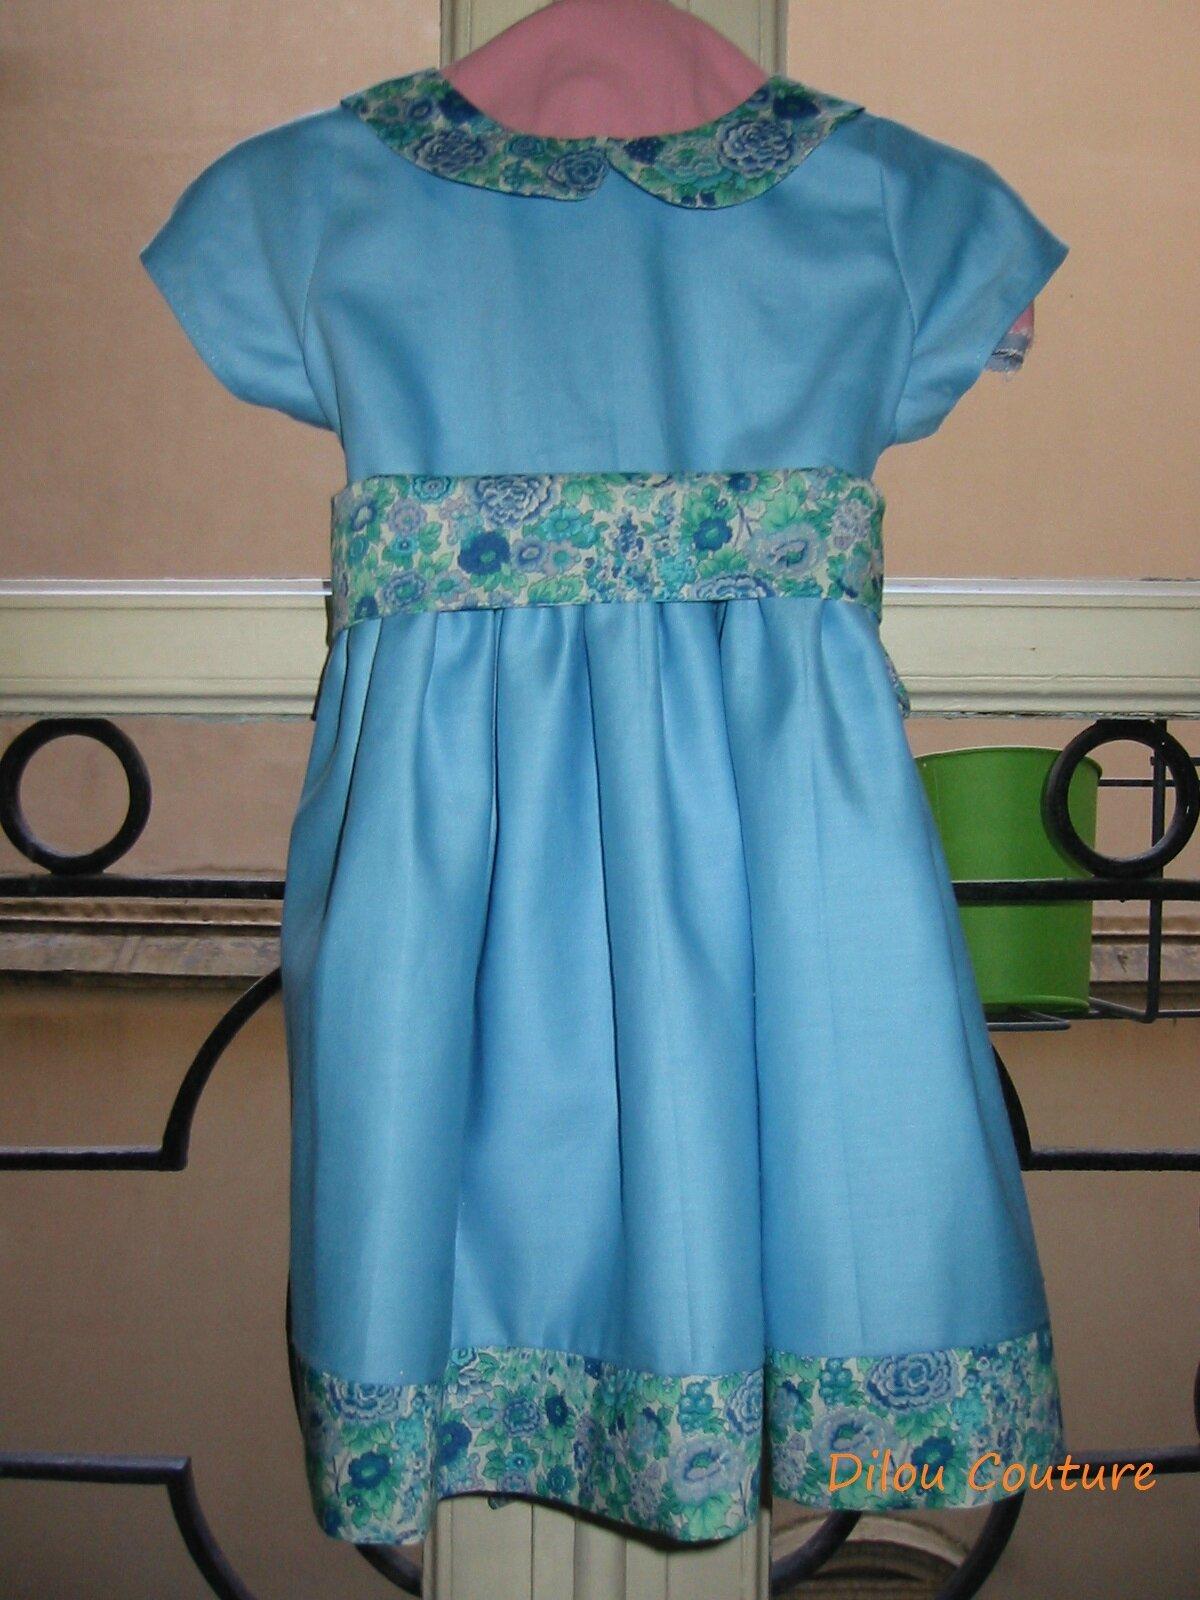 Robe photo cortège bleu - Liberty9